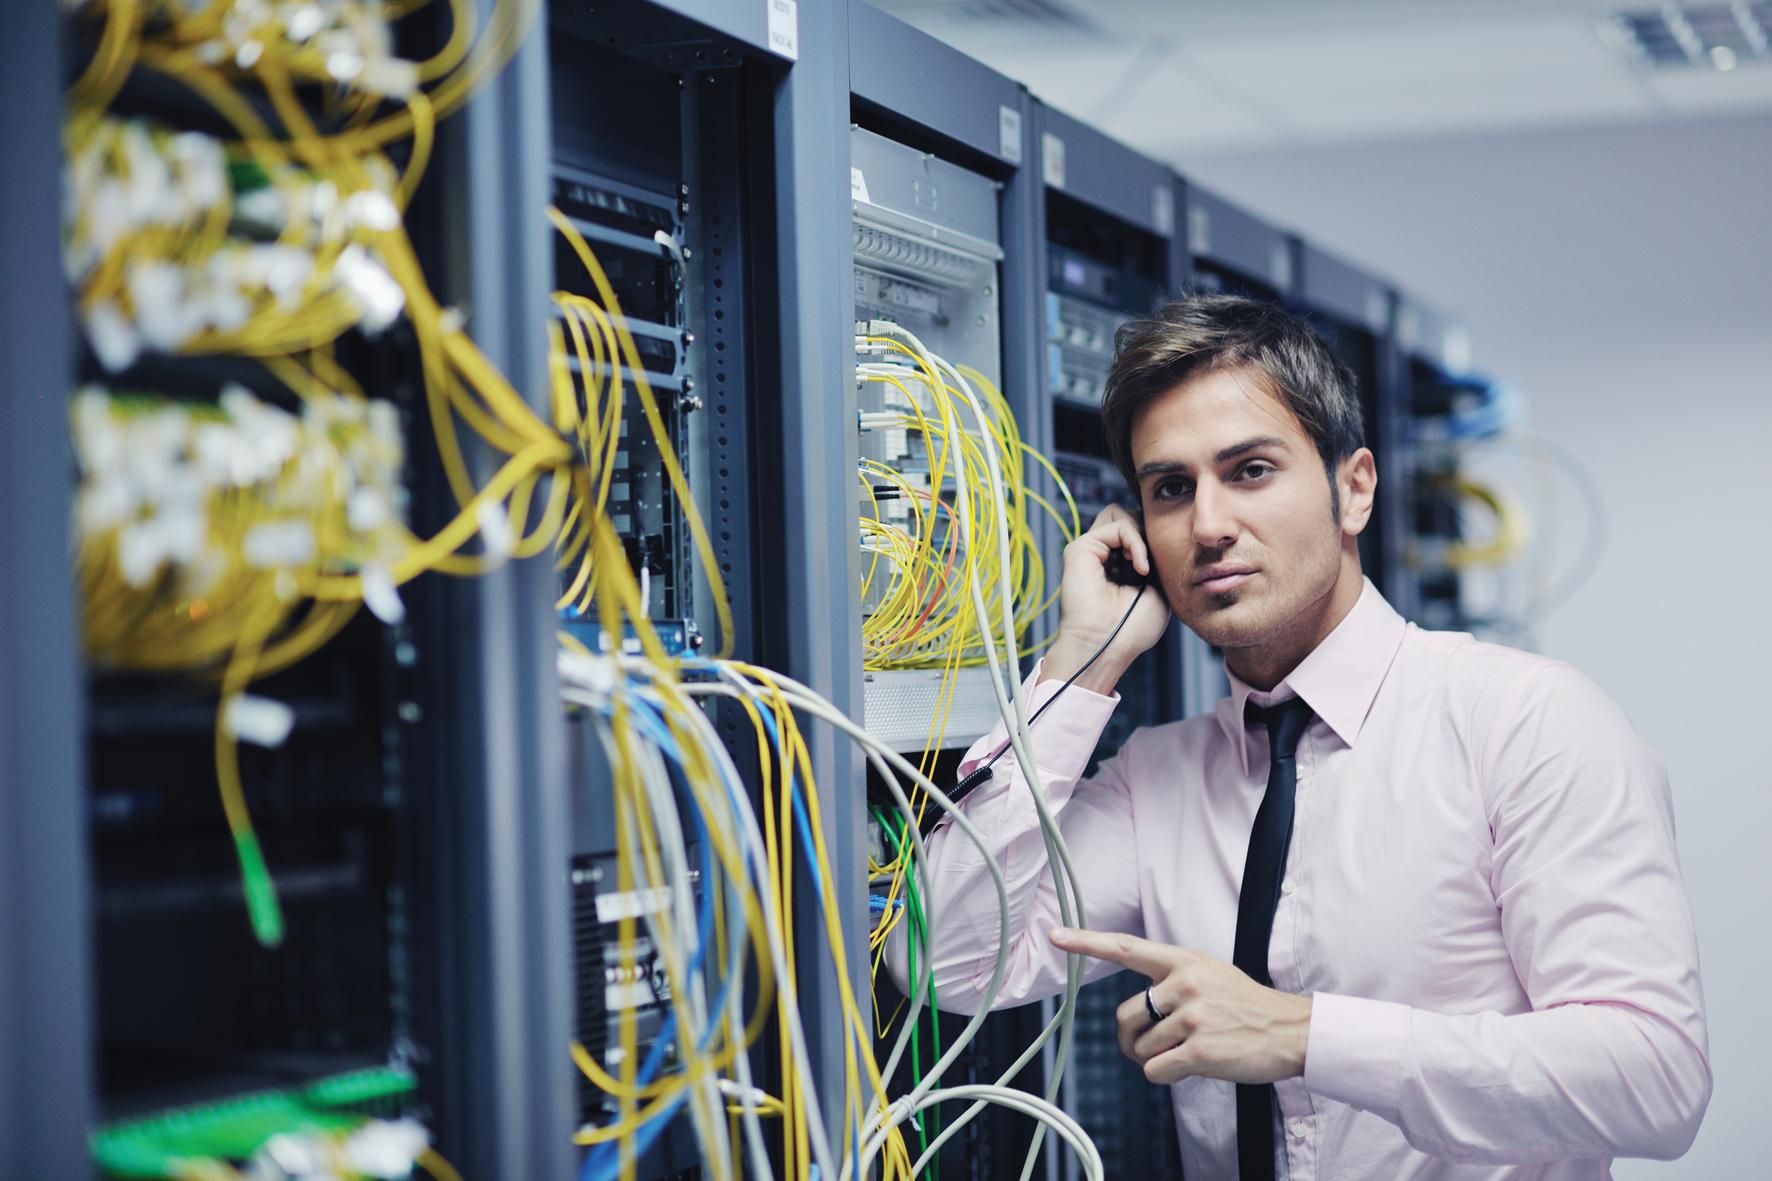 Małe firmy też stać na outsourcing serwerowni